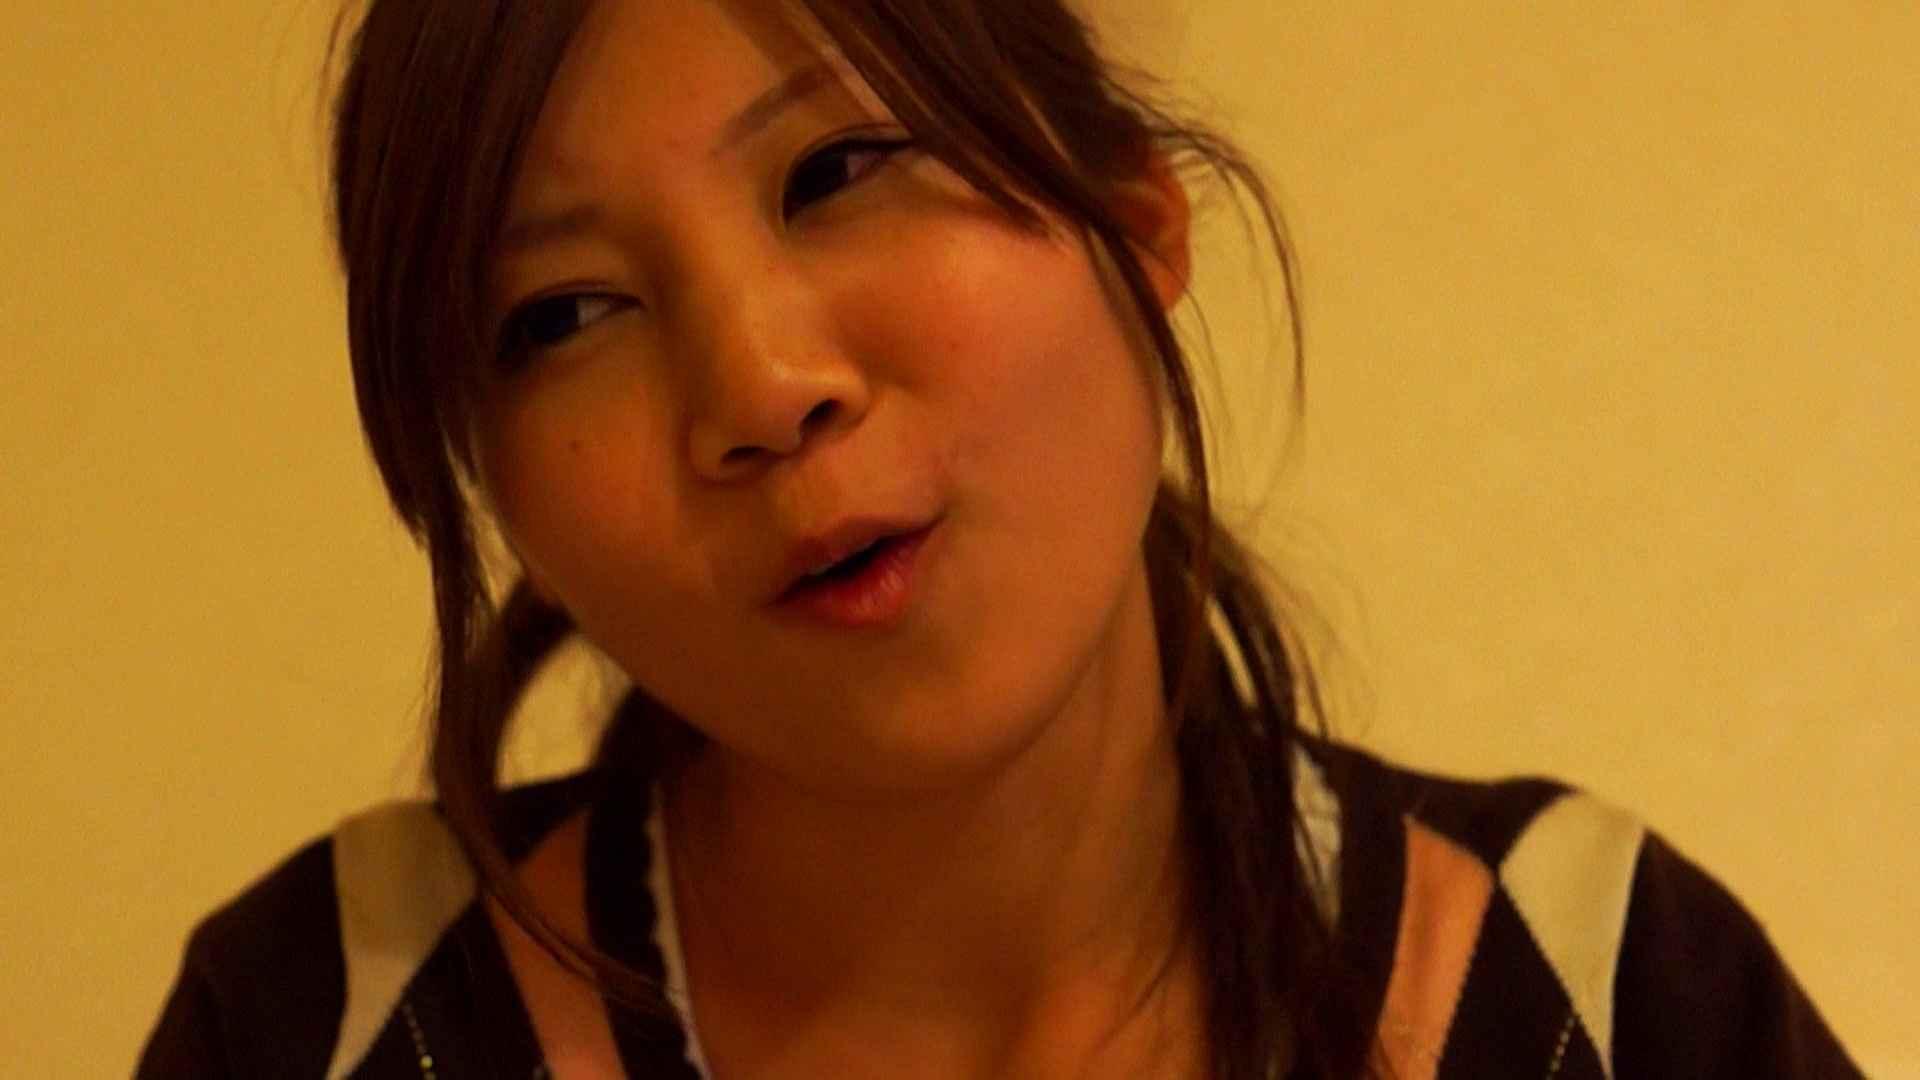 vol.12 瑞希ちゃんにコップを舐めてもらいました。 フェチ  88pic 12